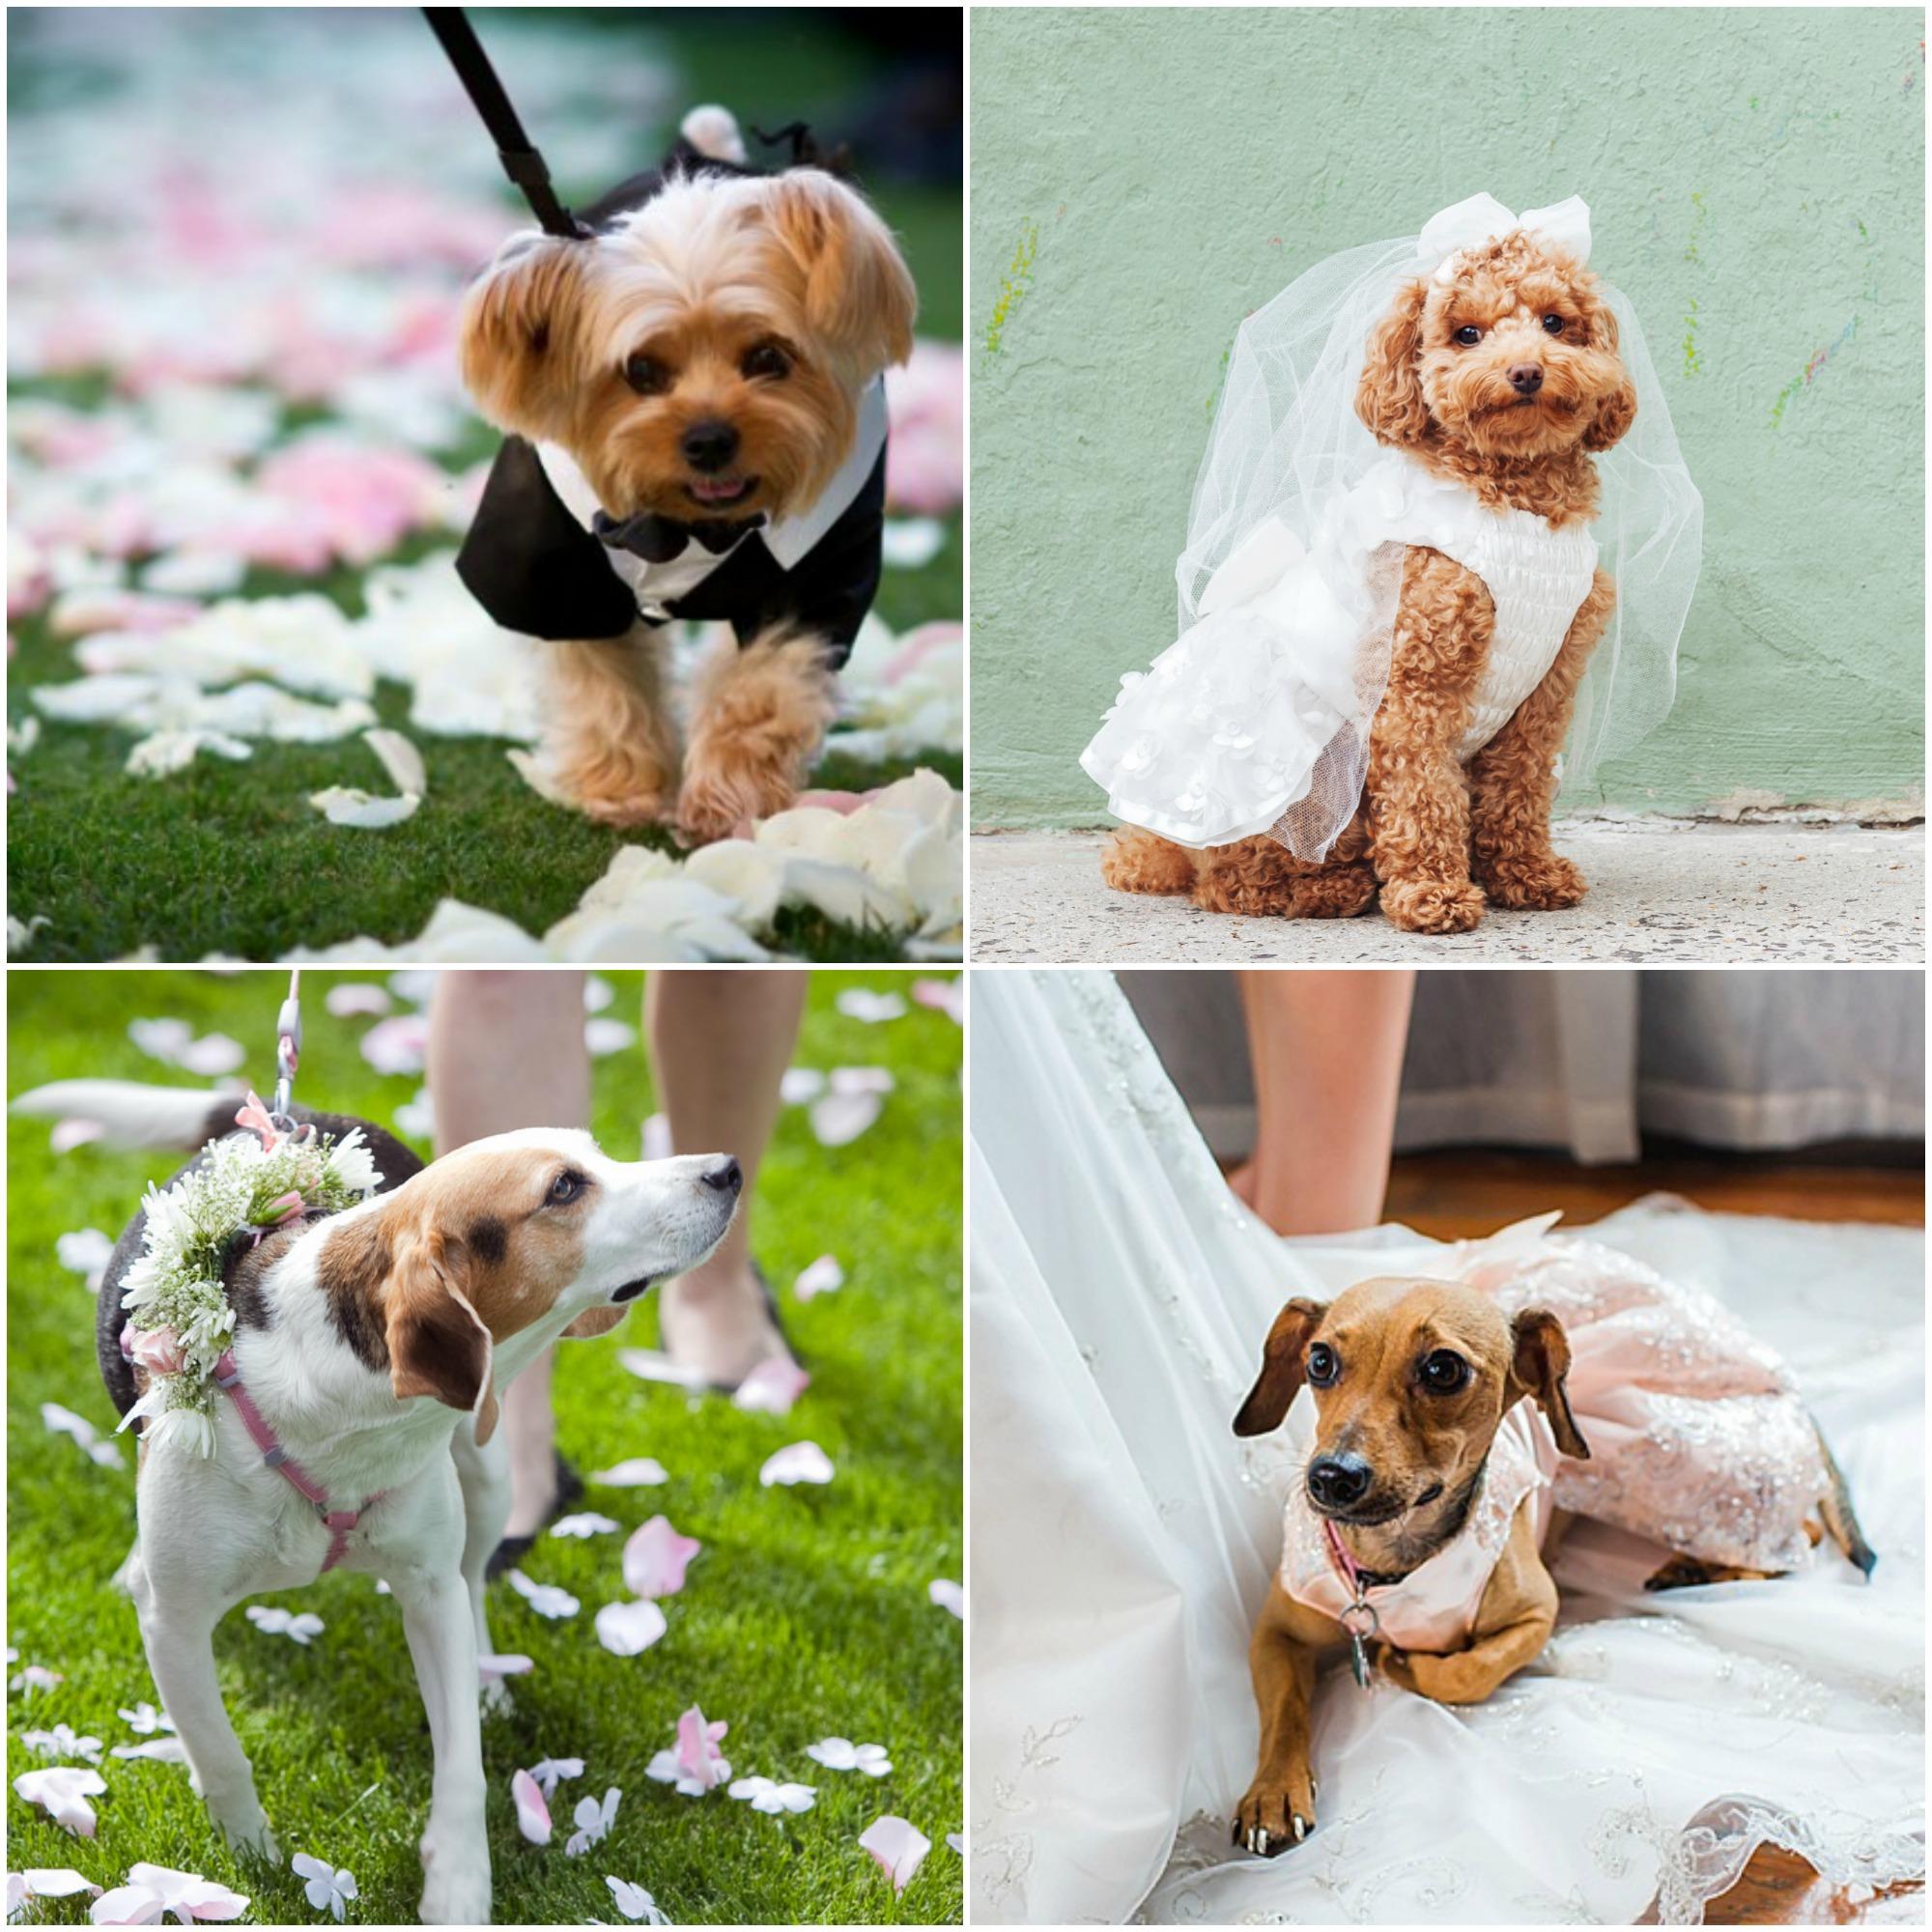 Ideias de trajes para cachorros em casamento